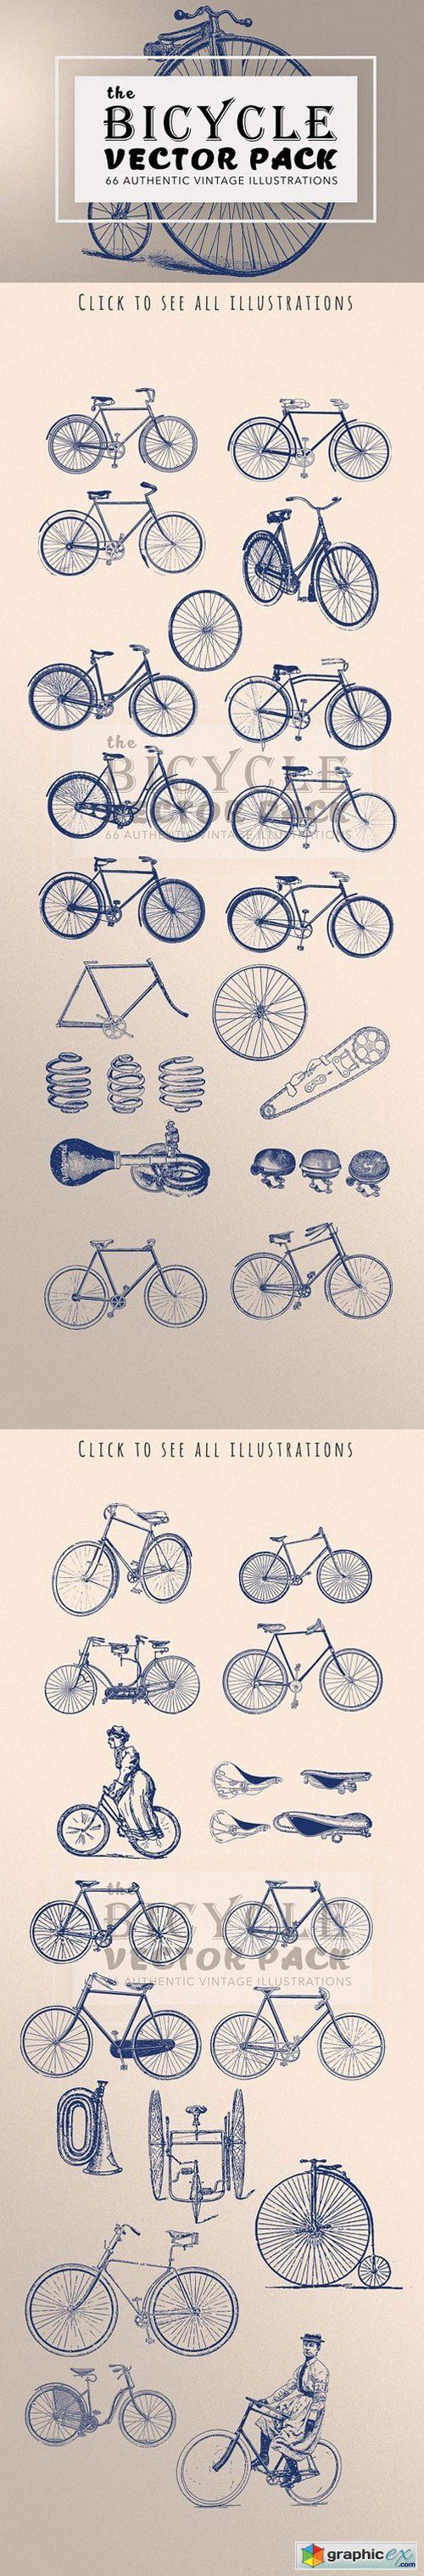 Vintage Bicycle Illustration Bundle 1482385 EPS Ai PNG | 338 MB RAR Download | Novafile...